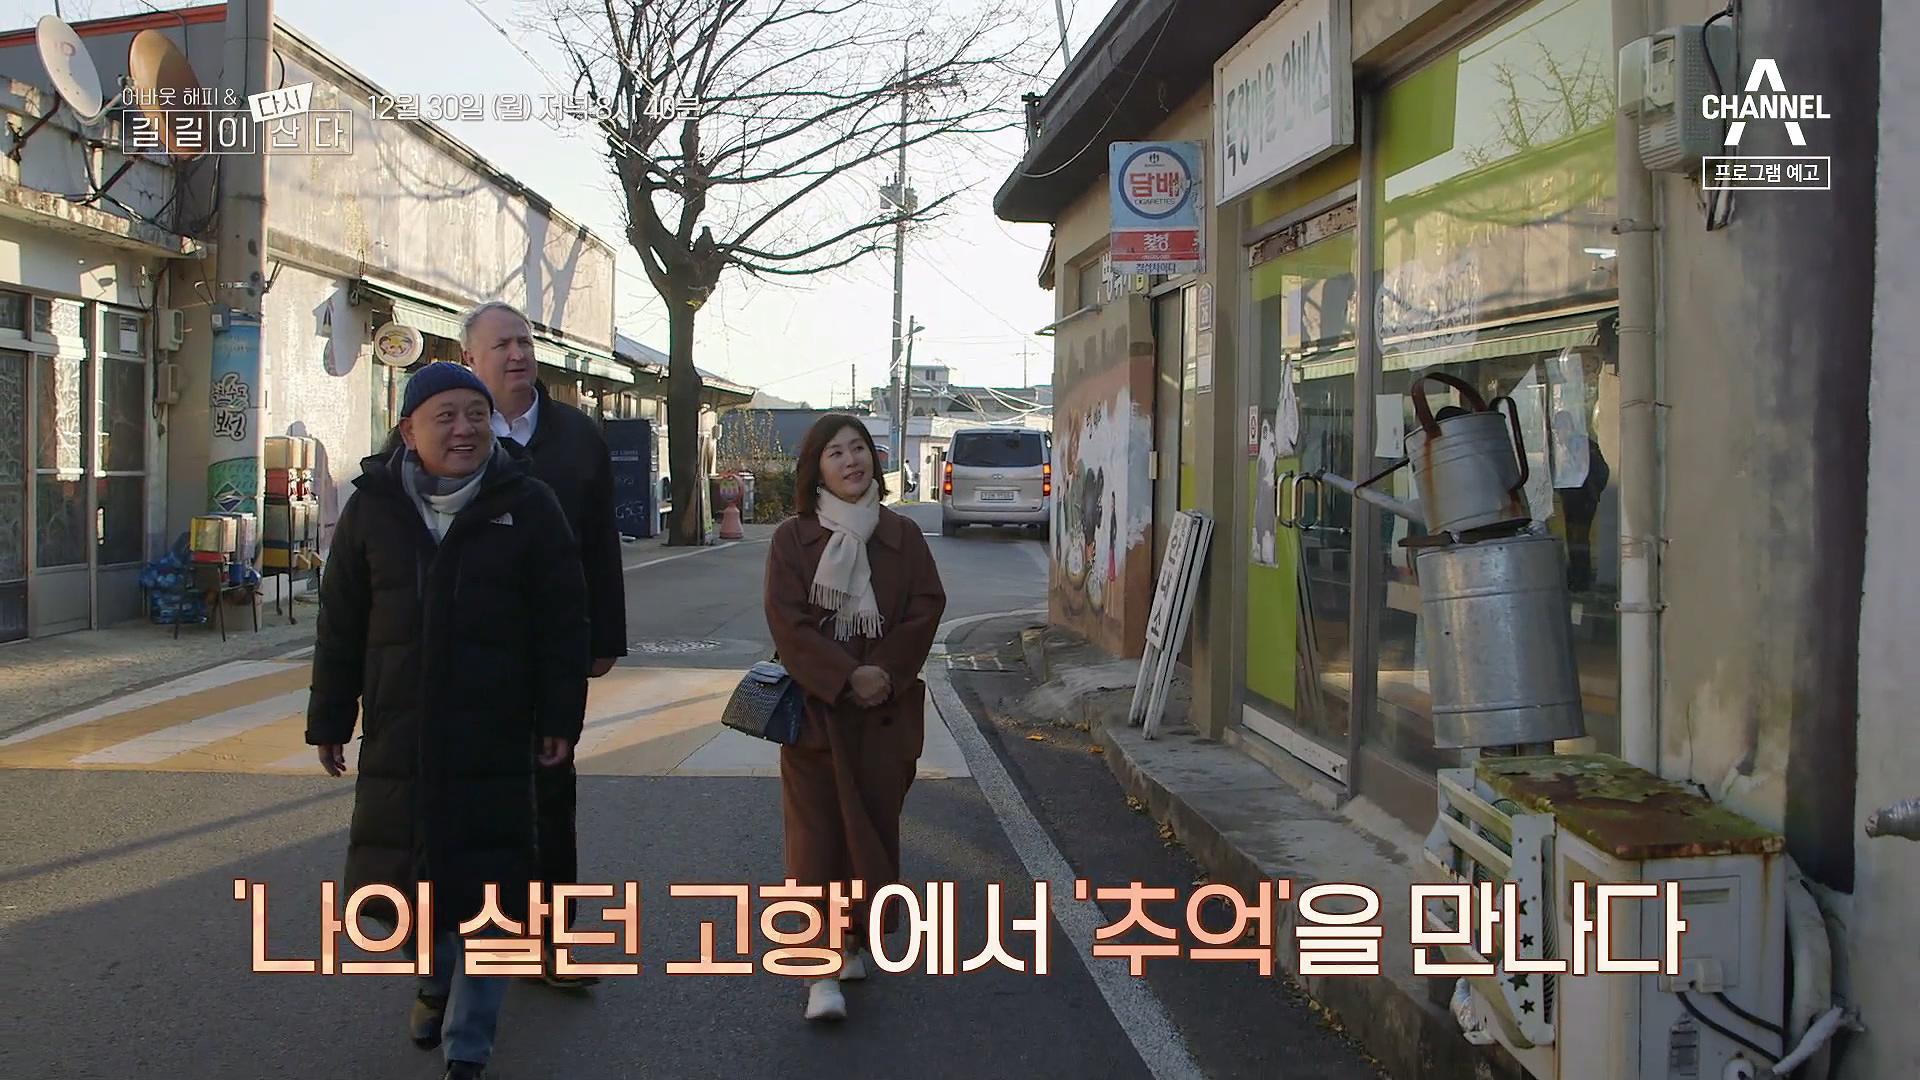 [예고] 길길 부부의 추억 여행♥ 두 번째 이야기